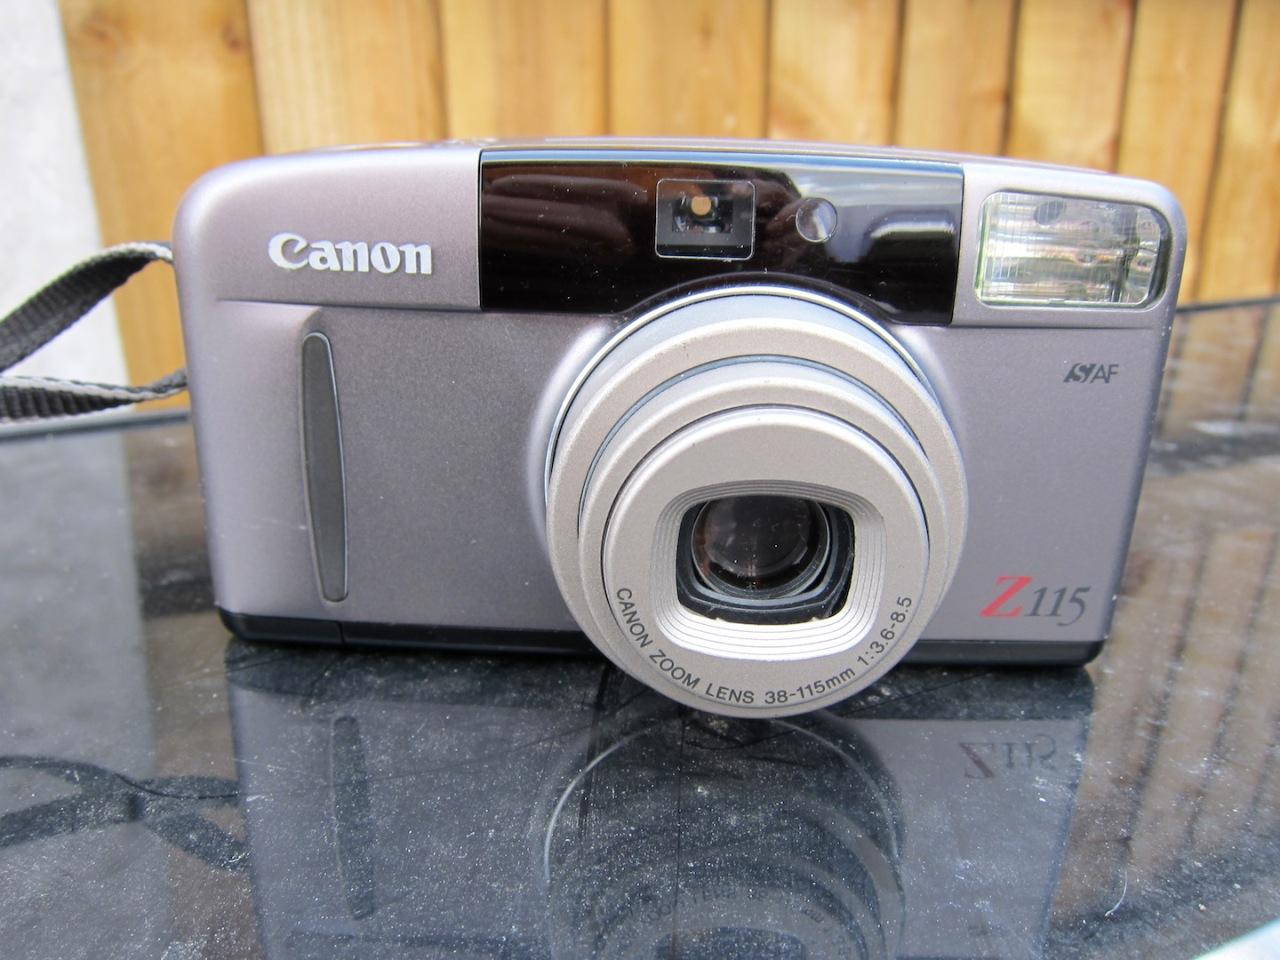 Canon Sure Shot Z115 (Autoboy S (super), PRIMA SUPER115)